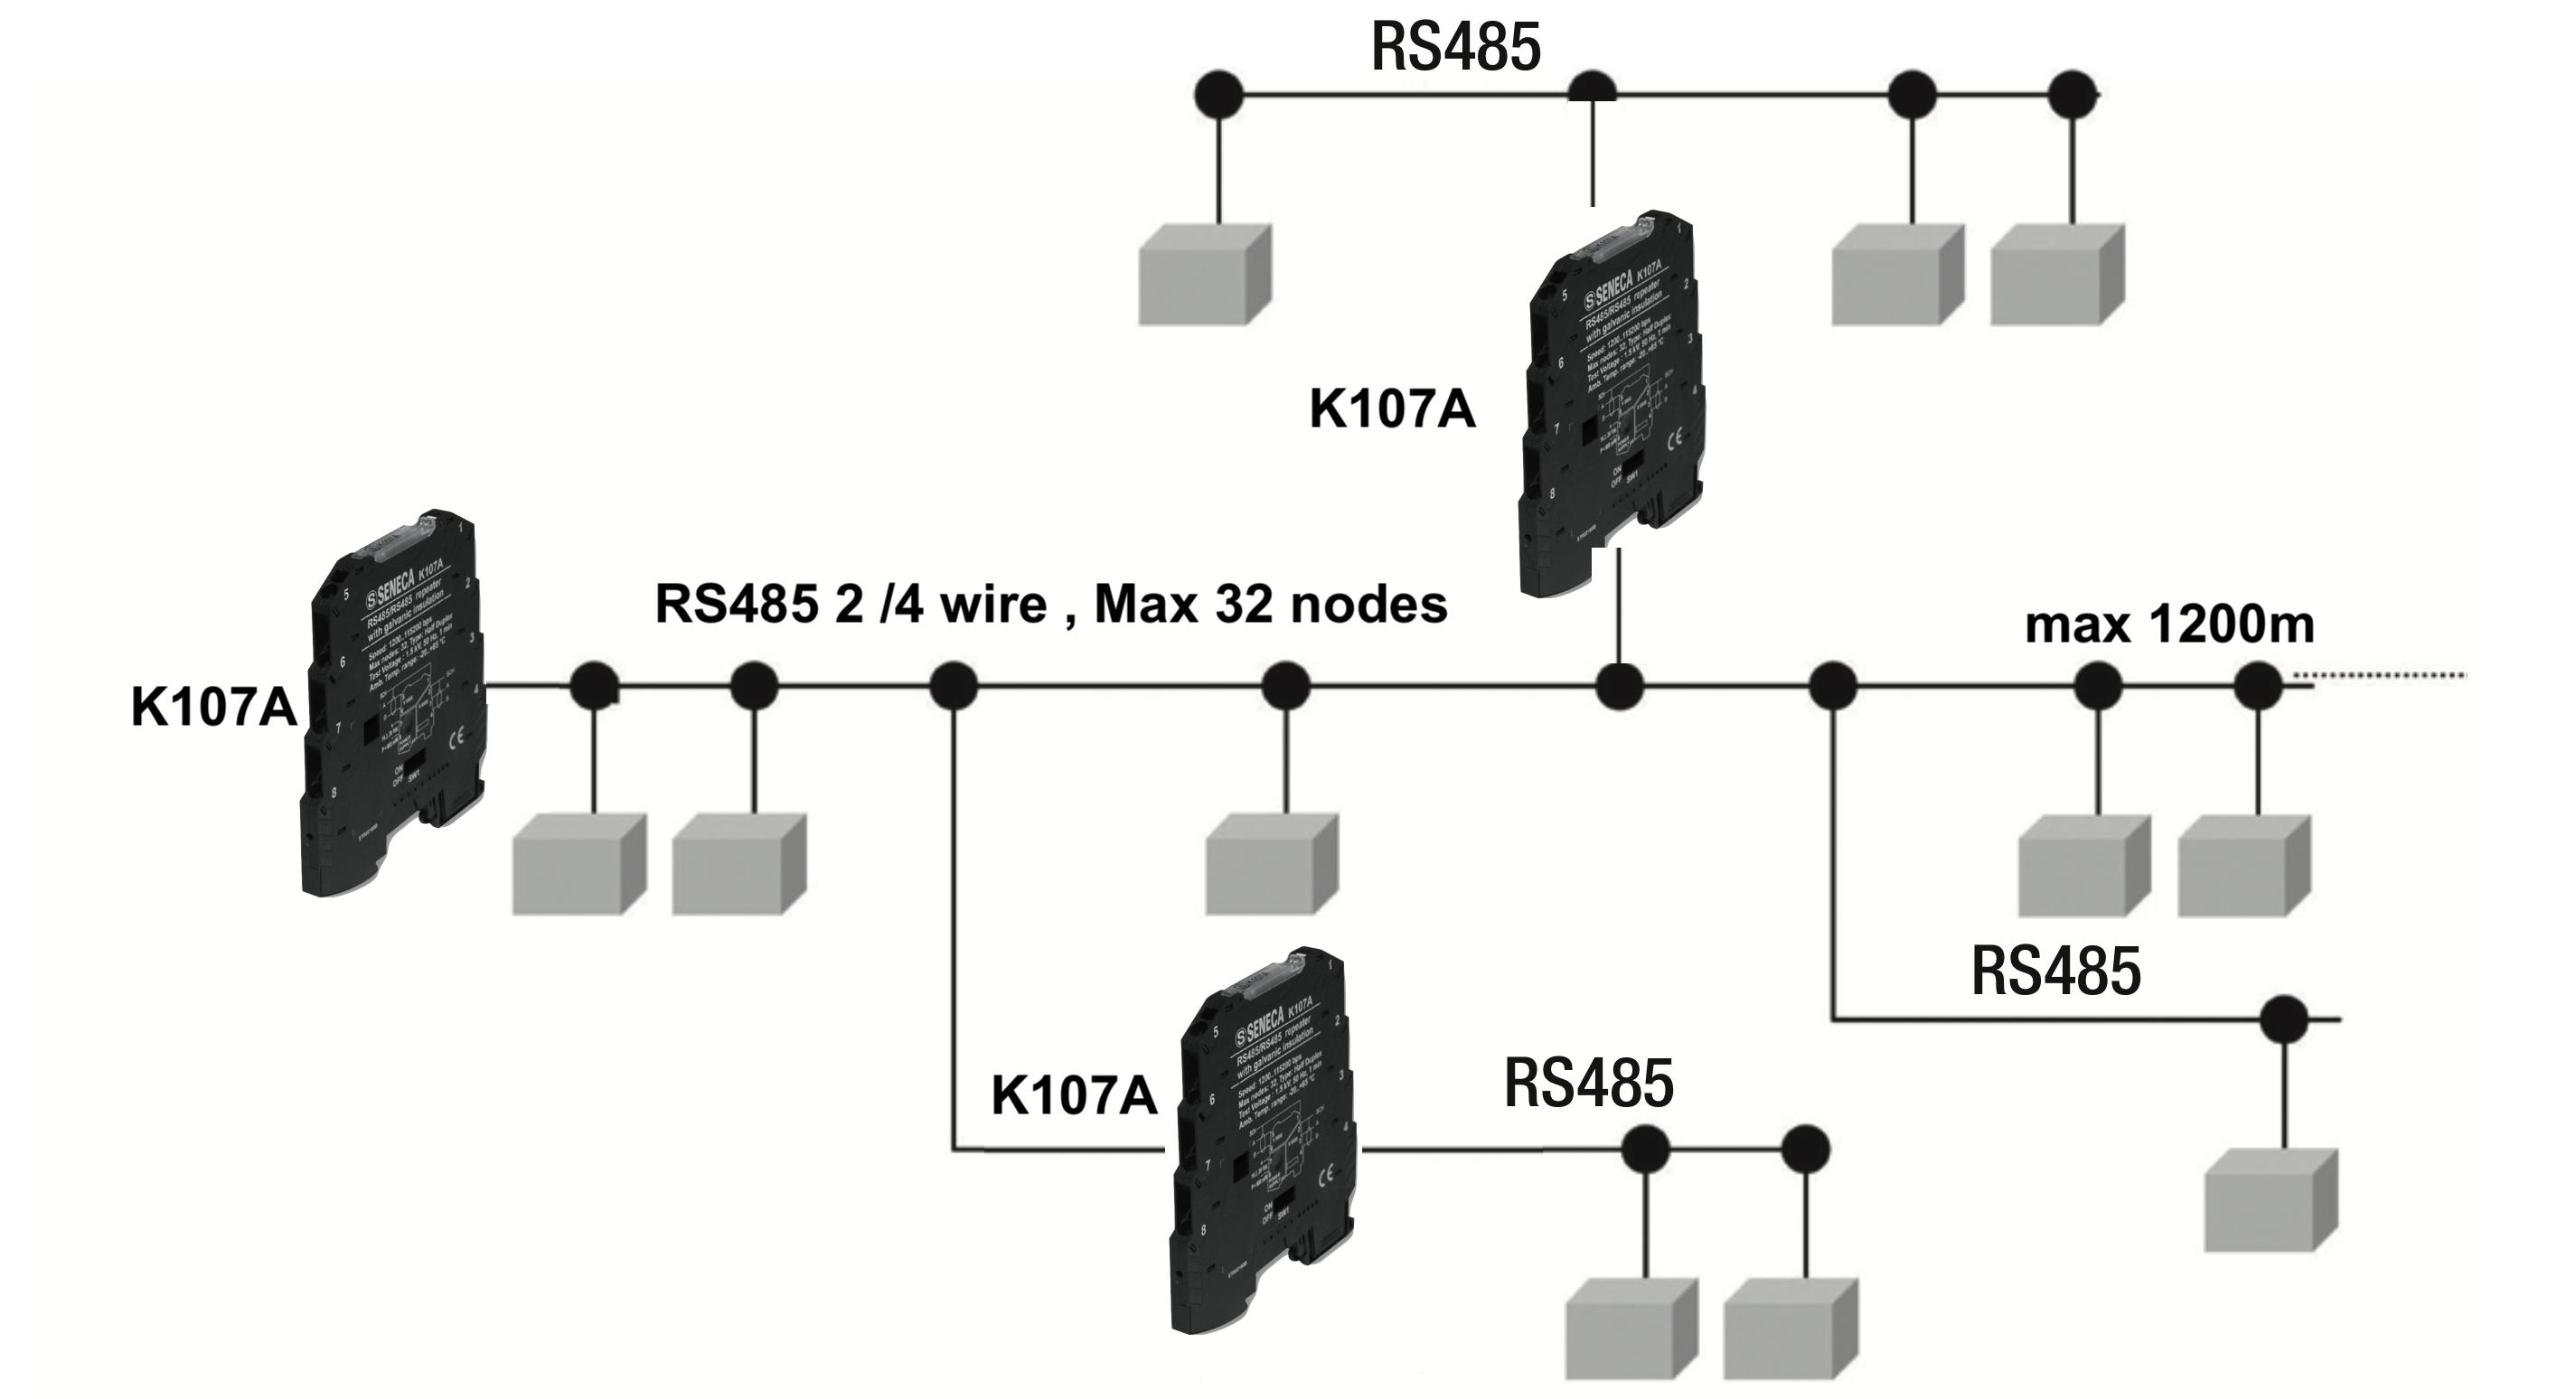 bộ khuếch đại RS485